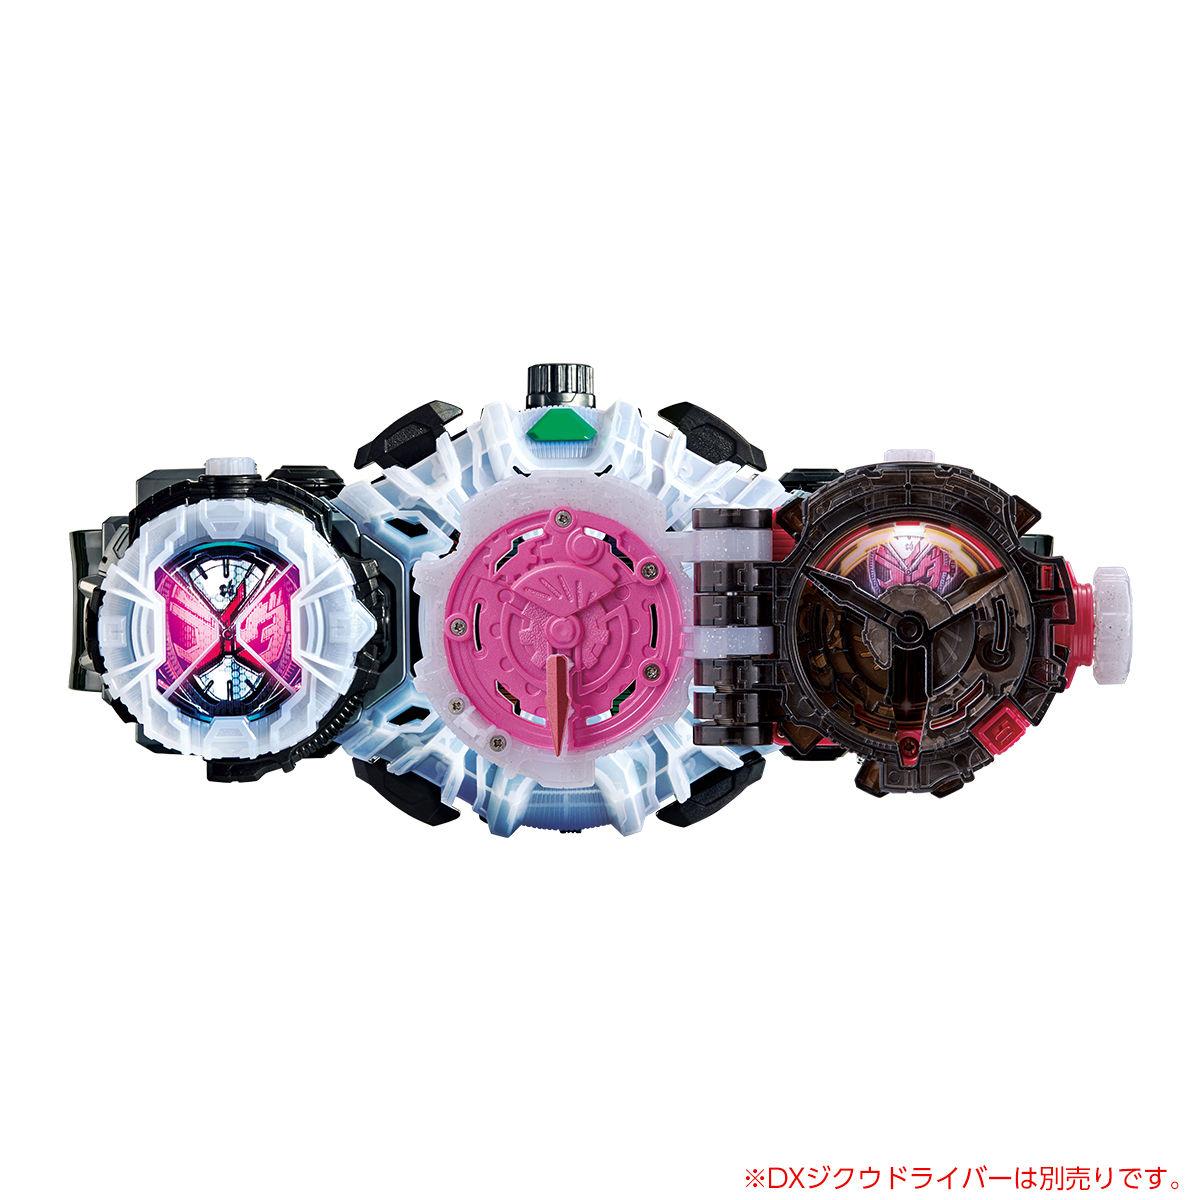 ライドウォッチ『DXジオウトリニティライドウォッチ』仮面ライダージオウ 変身なりきり-002